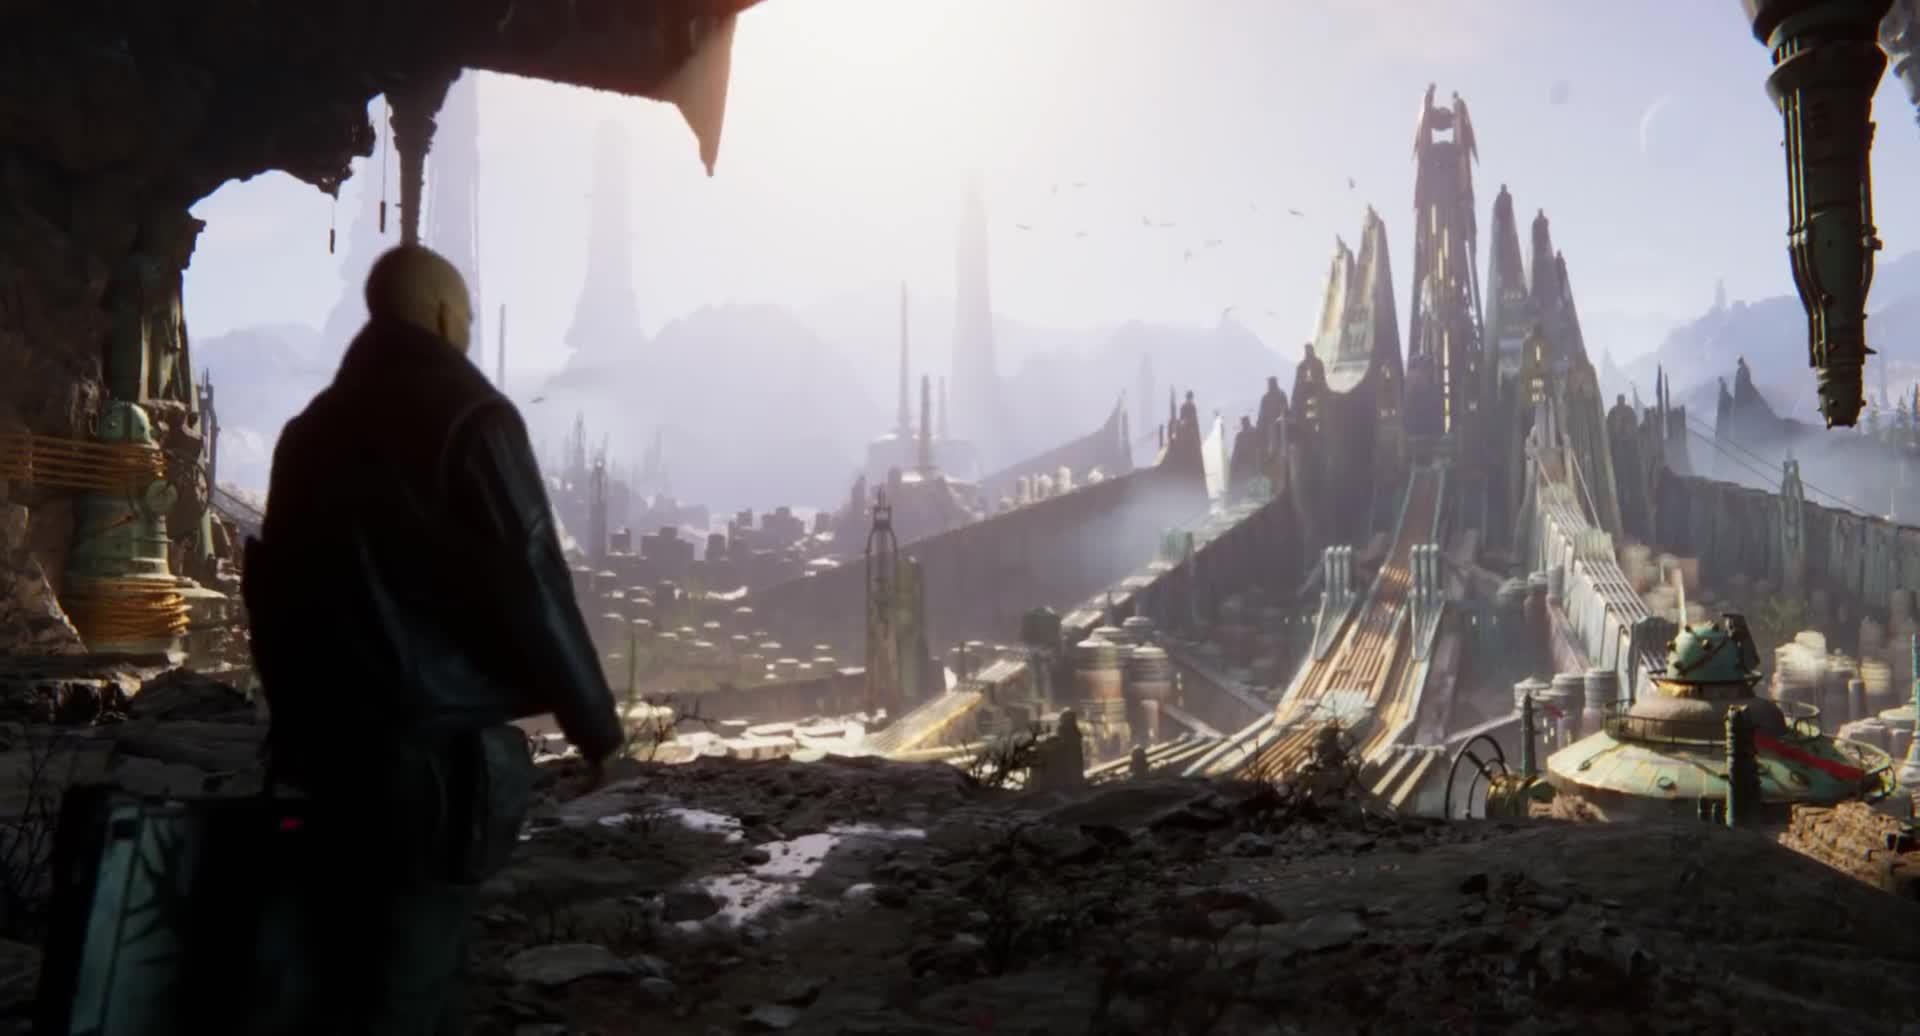 Trailer, GDC, Grafik-Engine, Unity, Kurzfilm, GDC 2019, Unity Engine, The Heretic